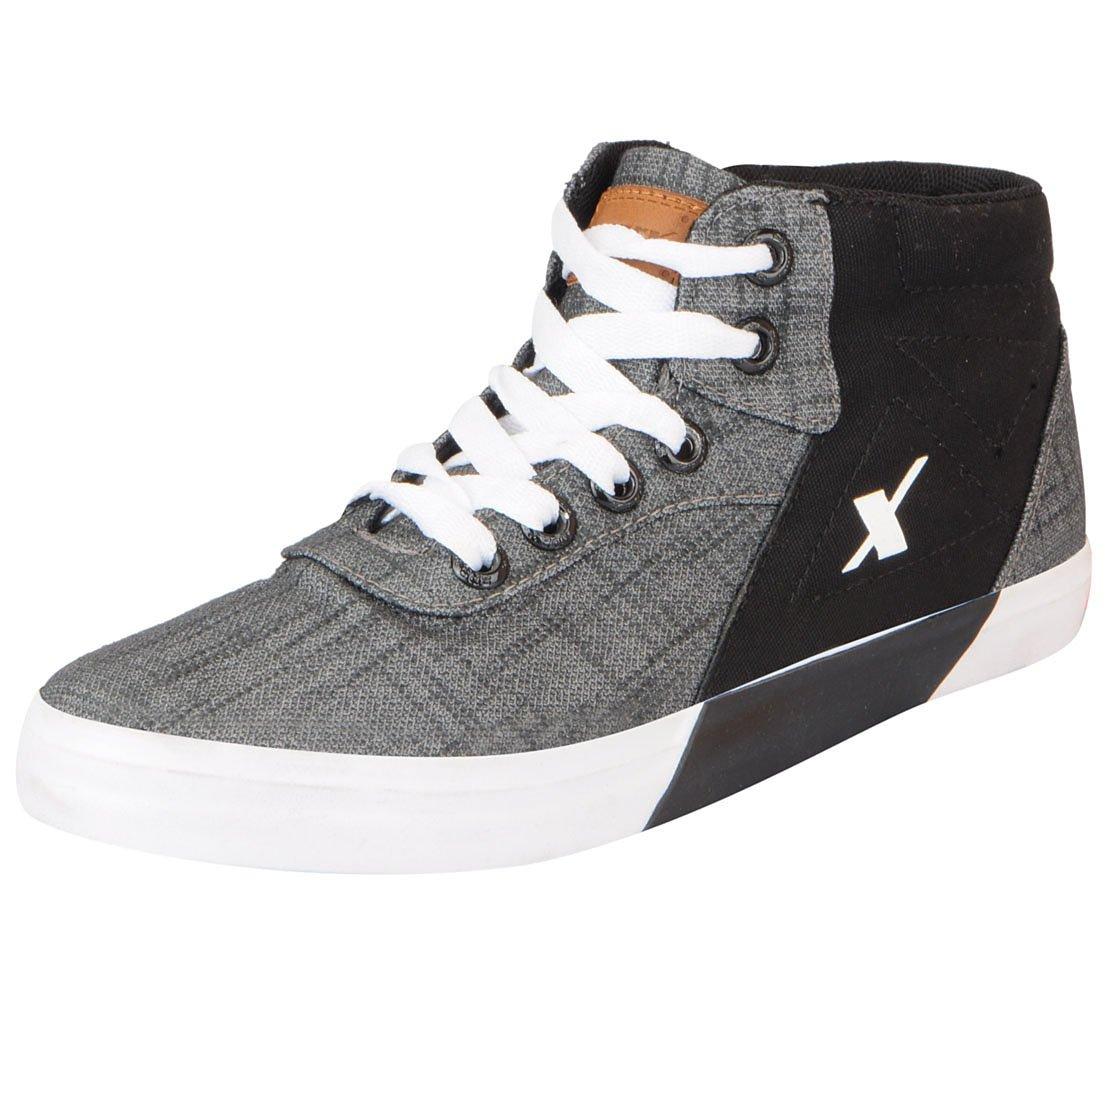 sparx black canvas shoes,www